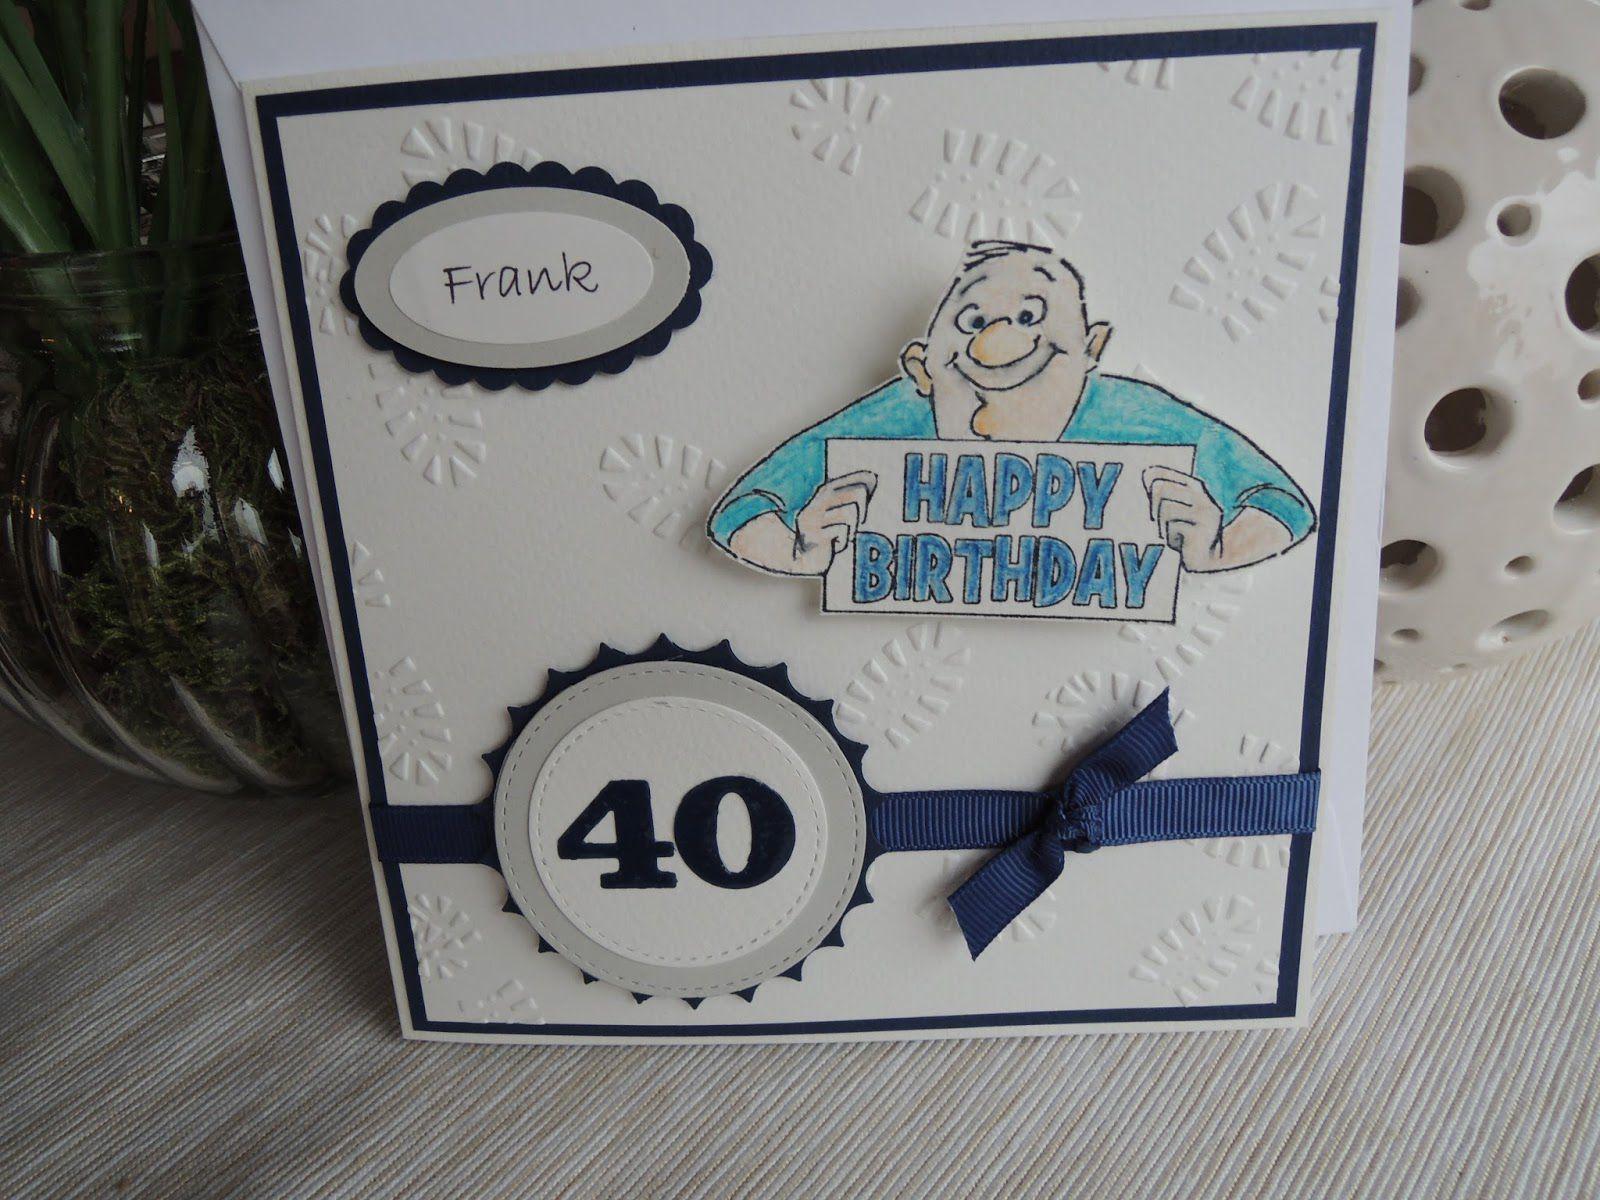 Einladungskarten Geburtstag : Einladungskarten 40 Geburtstag   Online  Einladungskarten   Online Einladungskarten